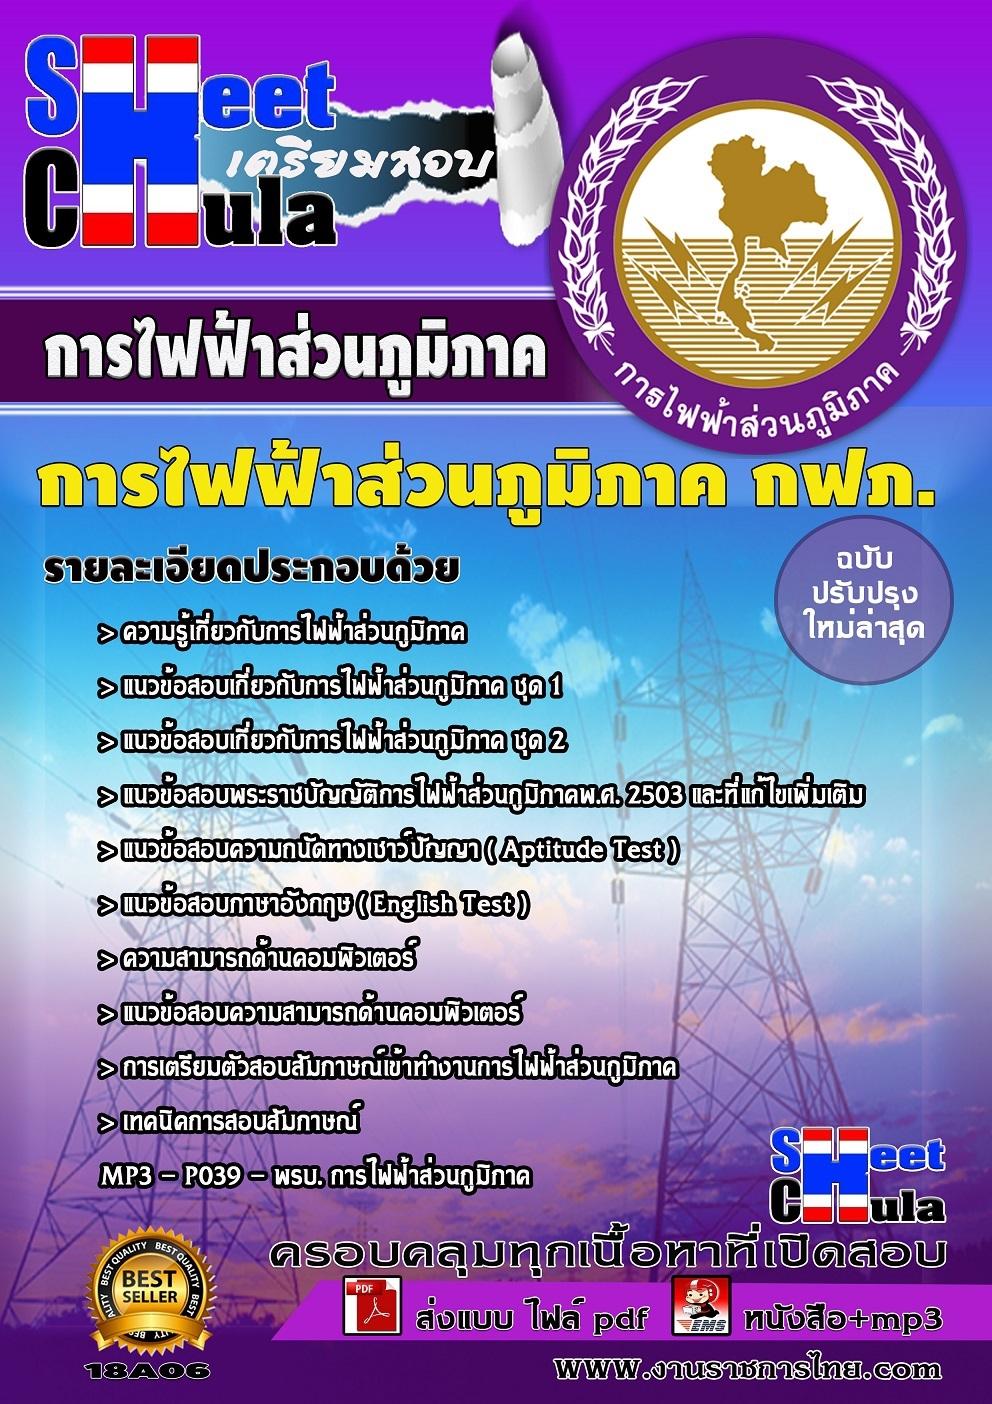 โหลดแนวข้อสอบการไฟฟ้าส่วนภูมิภาค การไฟฟ้าส่วนภุมิภาค ประจำปี2560